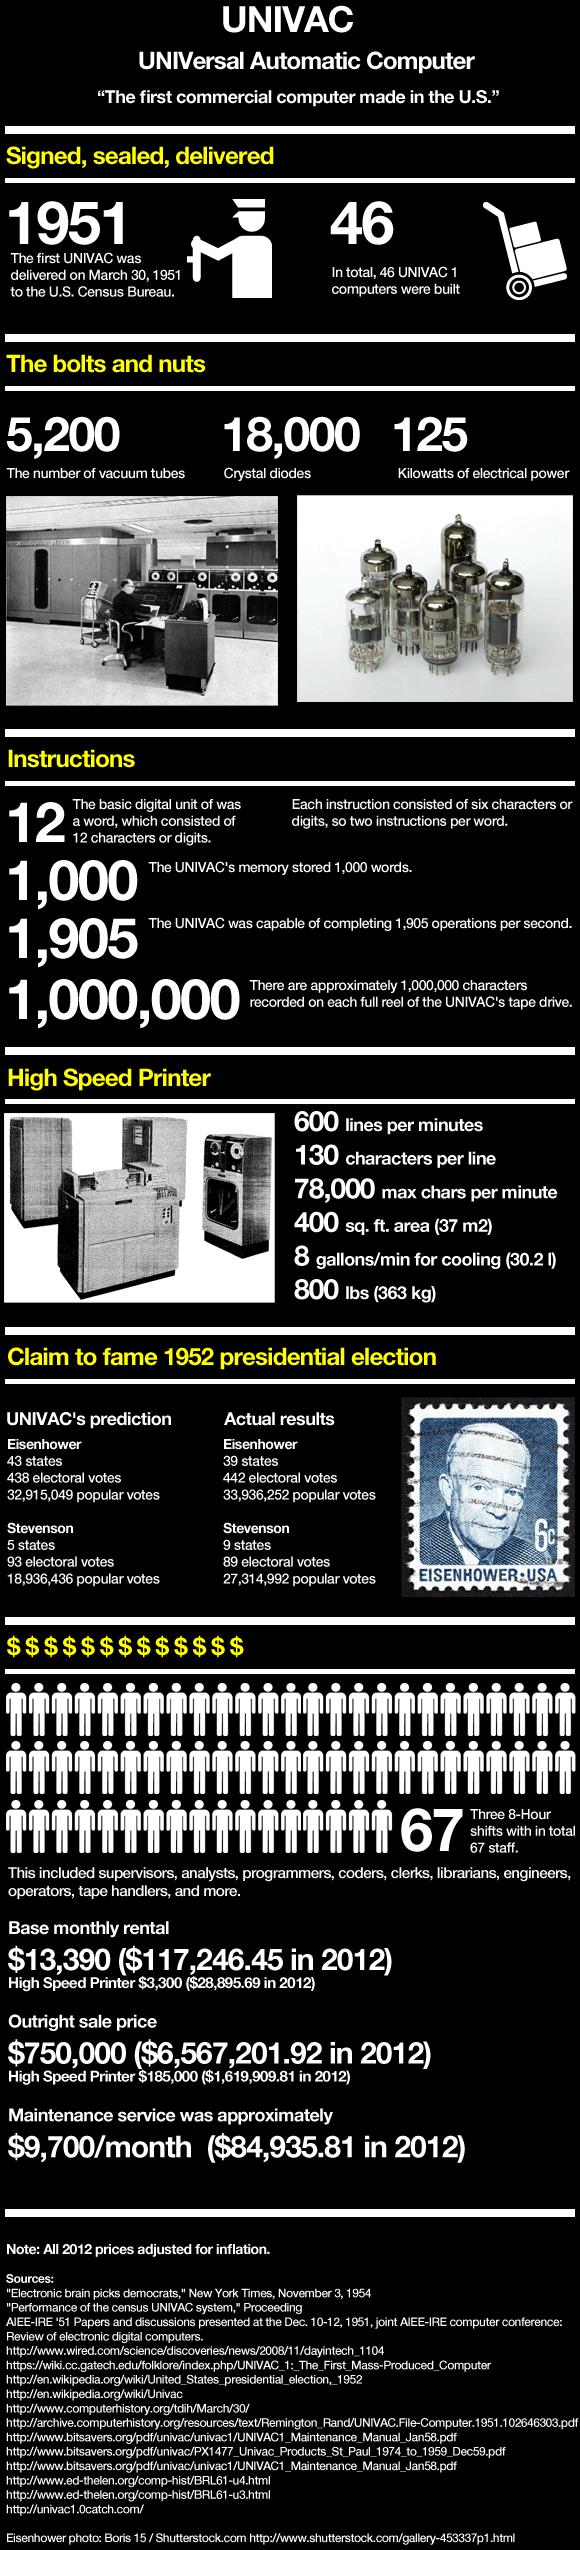 univac-pingdom-thumb-580x2550-39994